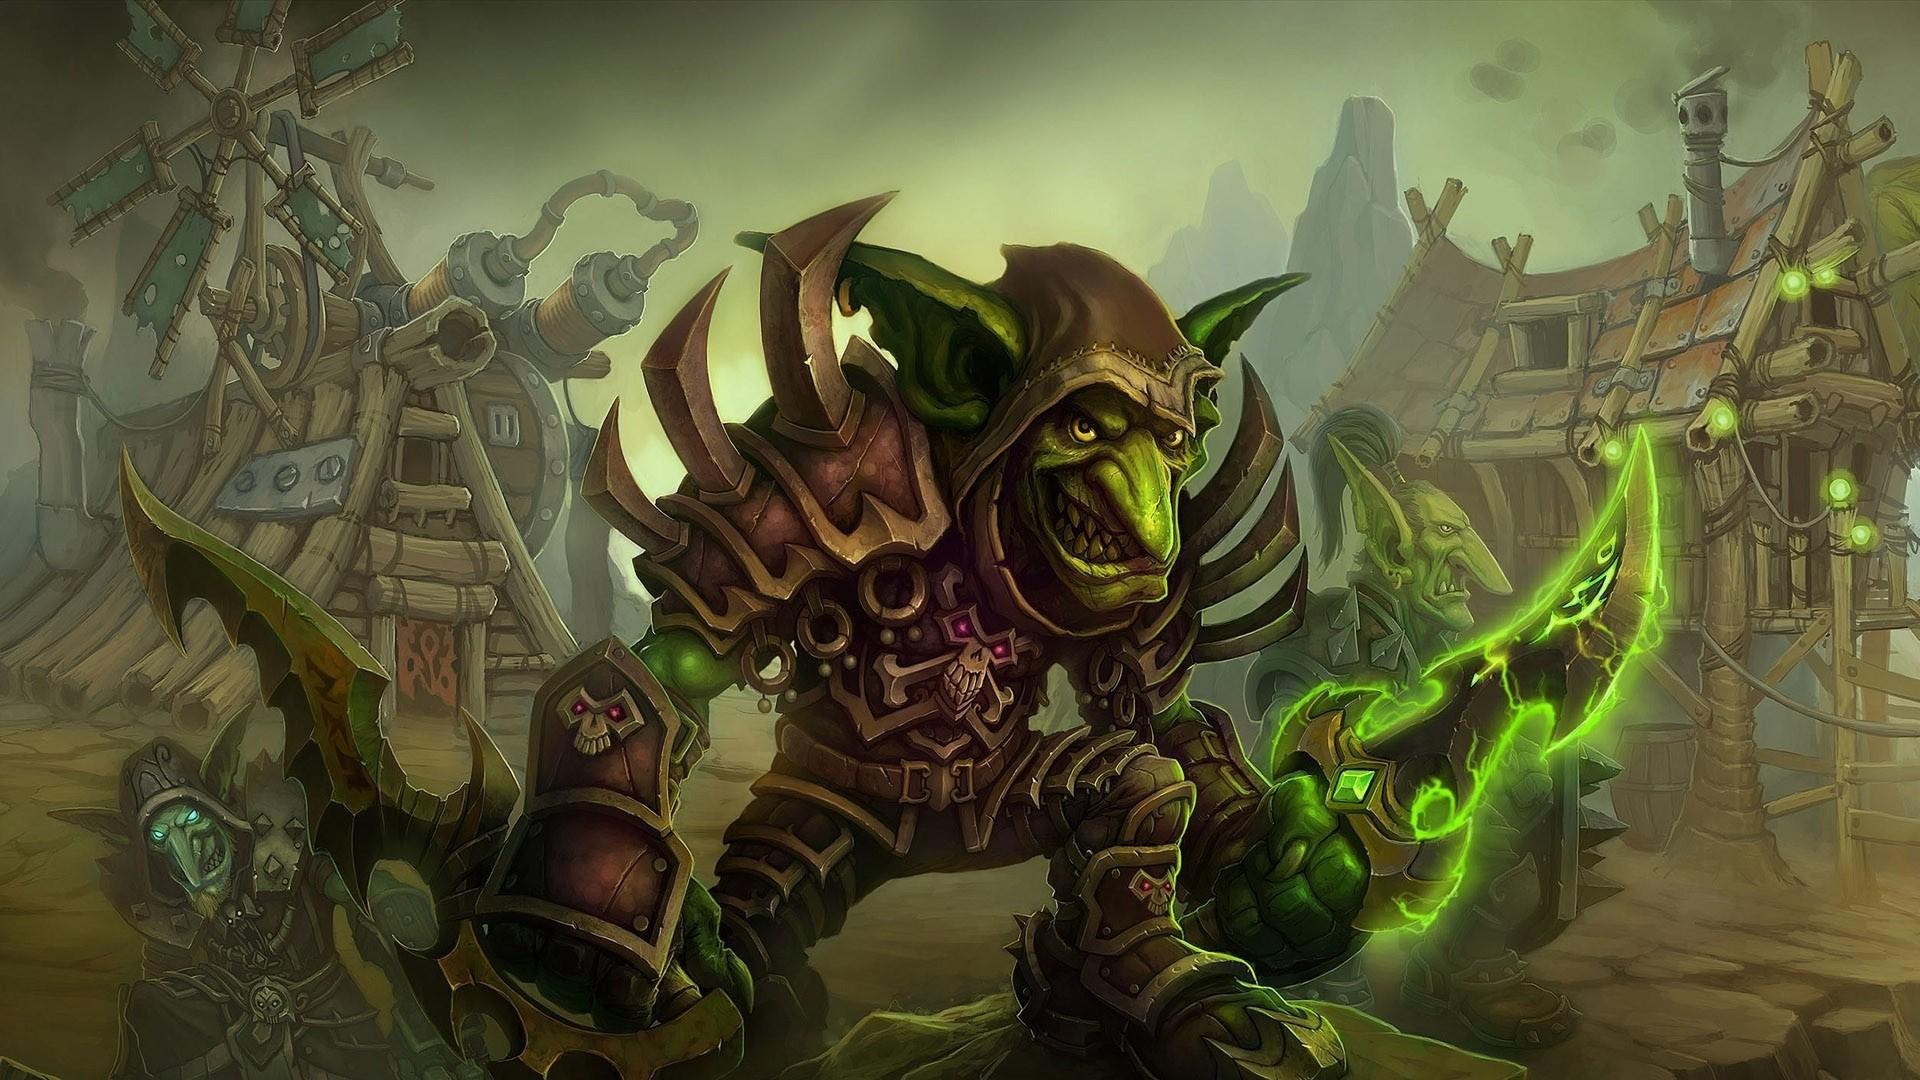 Wallpaper monster, elf, anger, fantasy